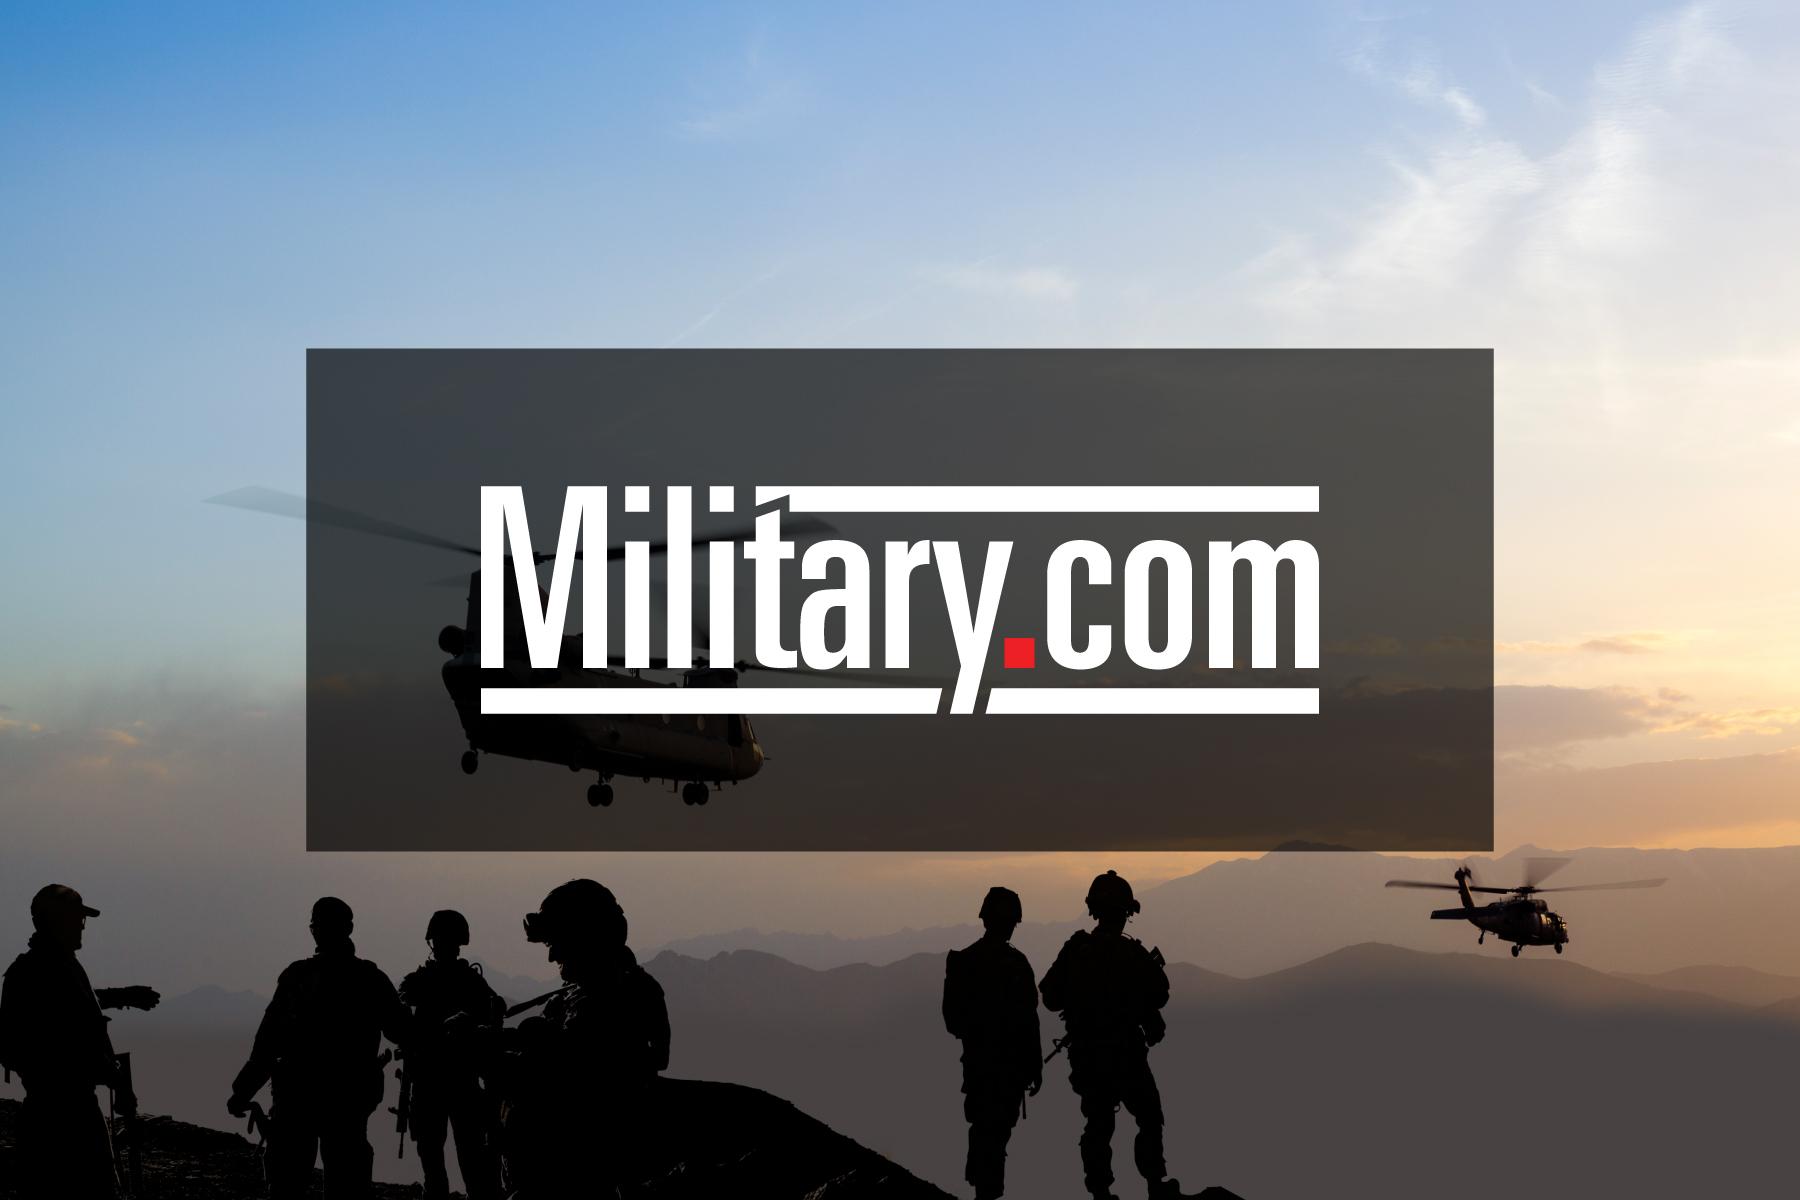 Liberty NVR page